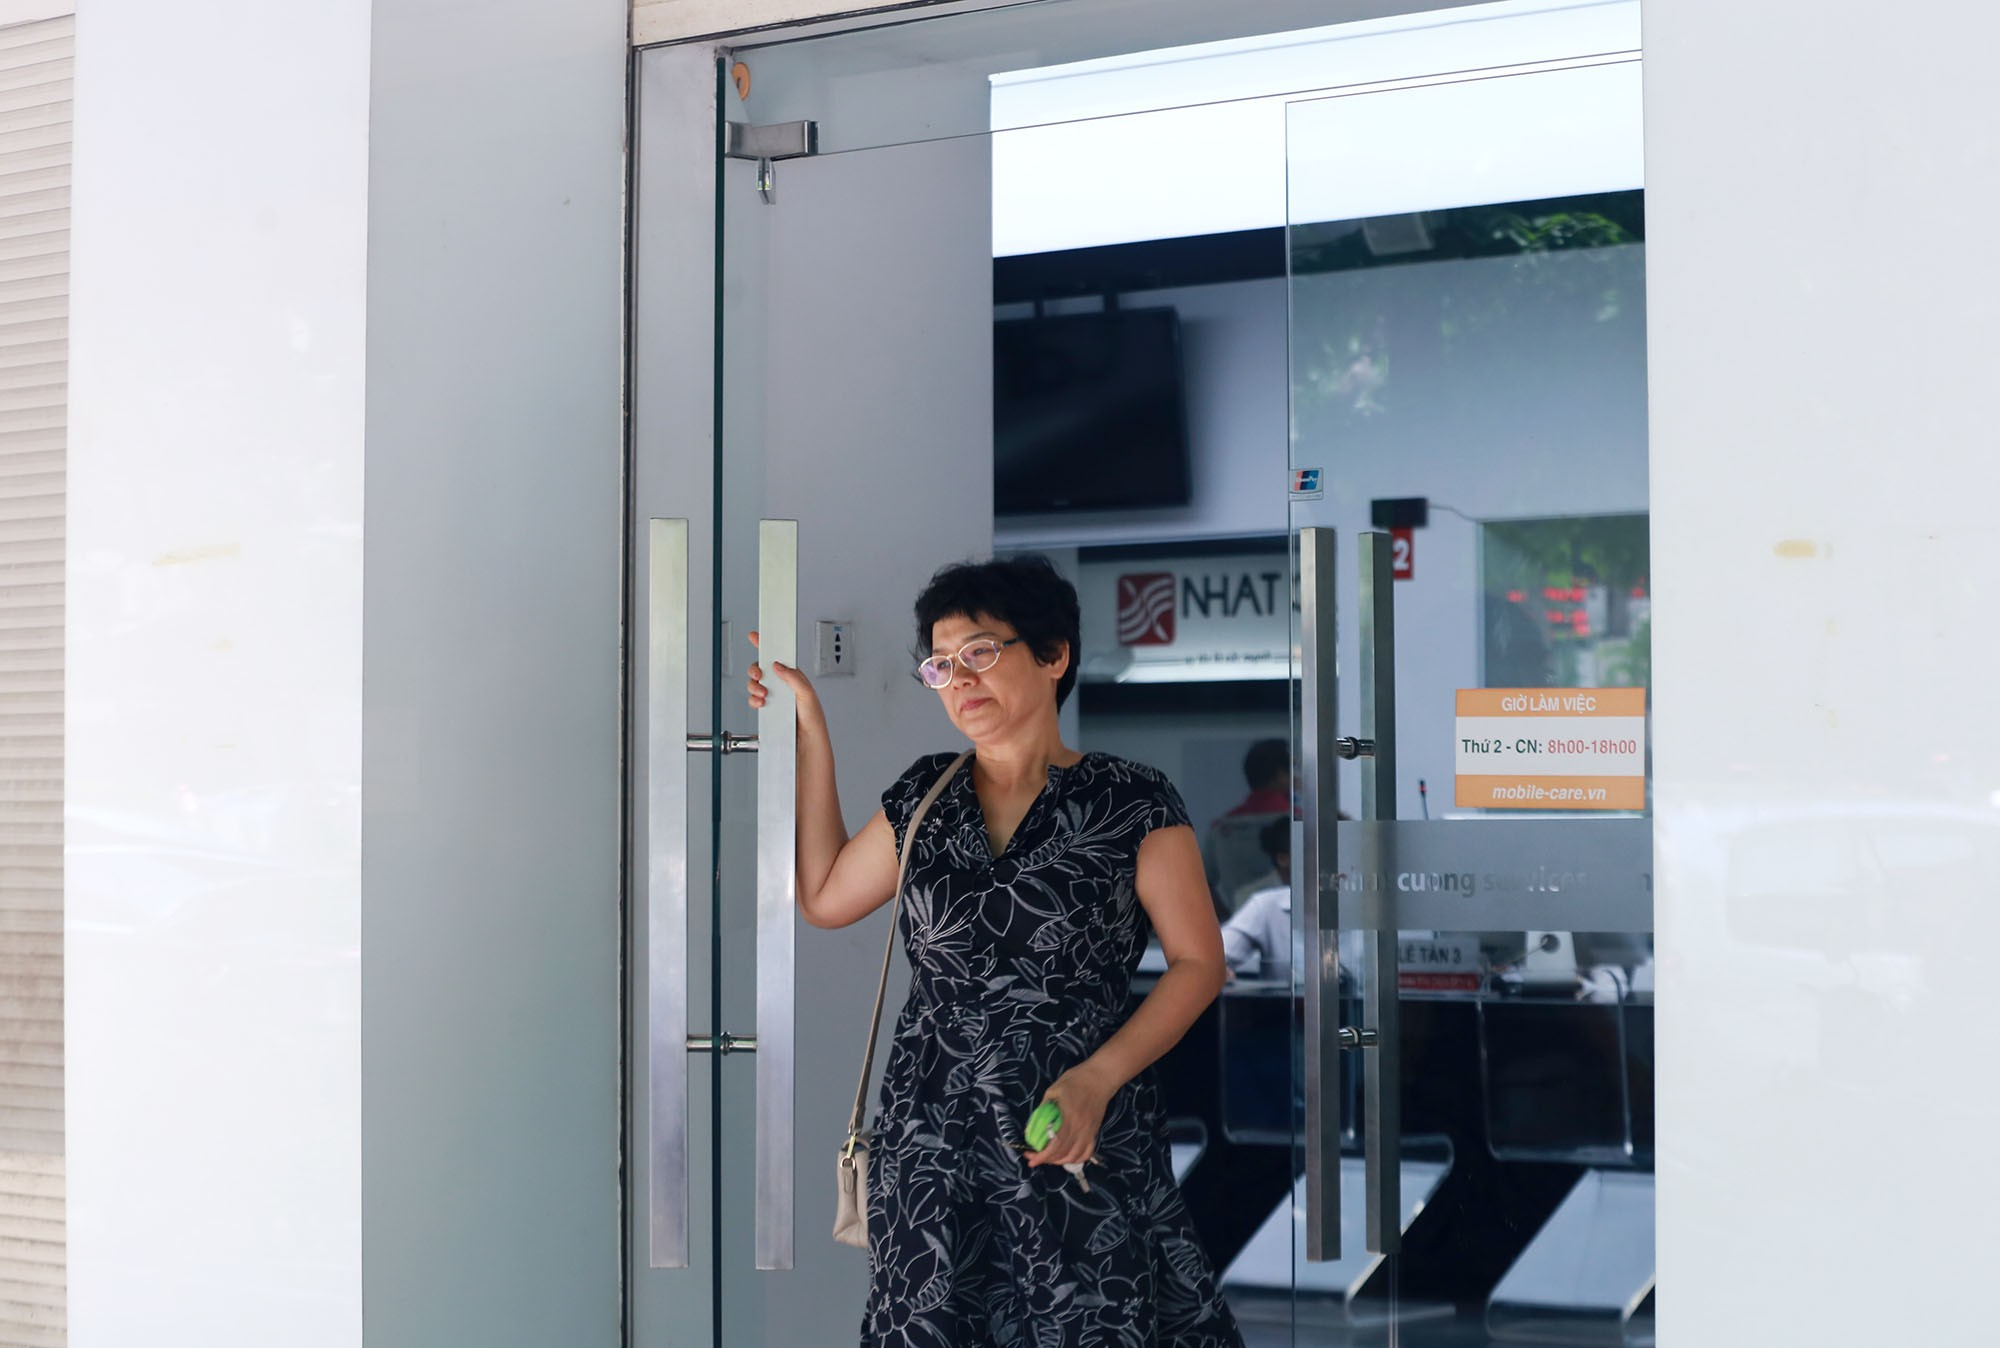 Trung tâm bảo hành Nhật Cường Mobile vẫn đón khách sau khi ông chủ bị khởi tố - Ảnh 6.